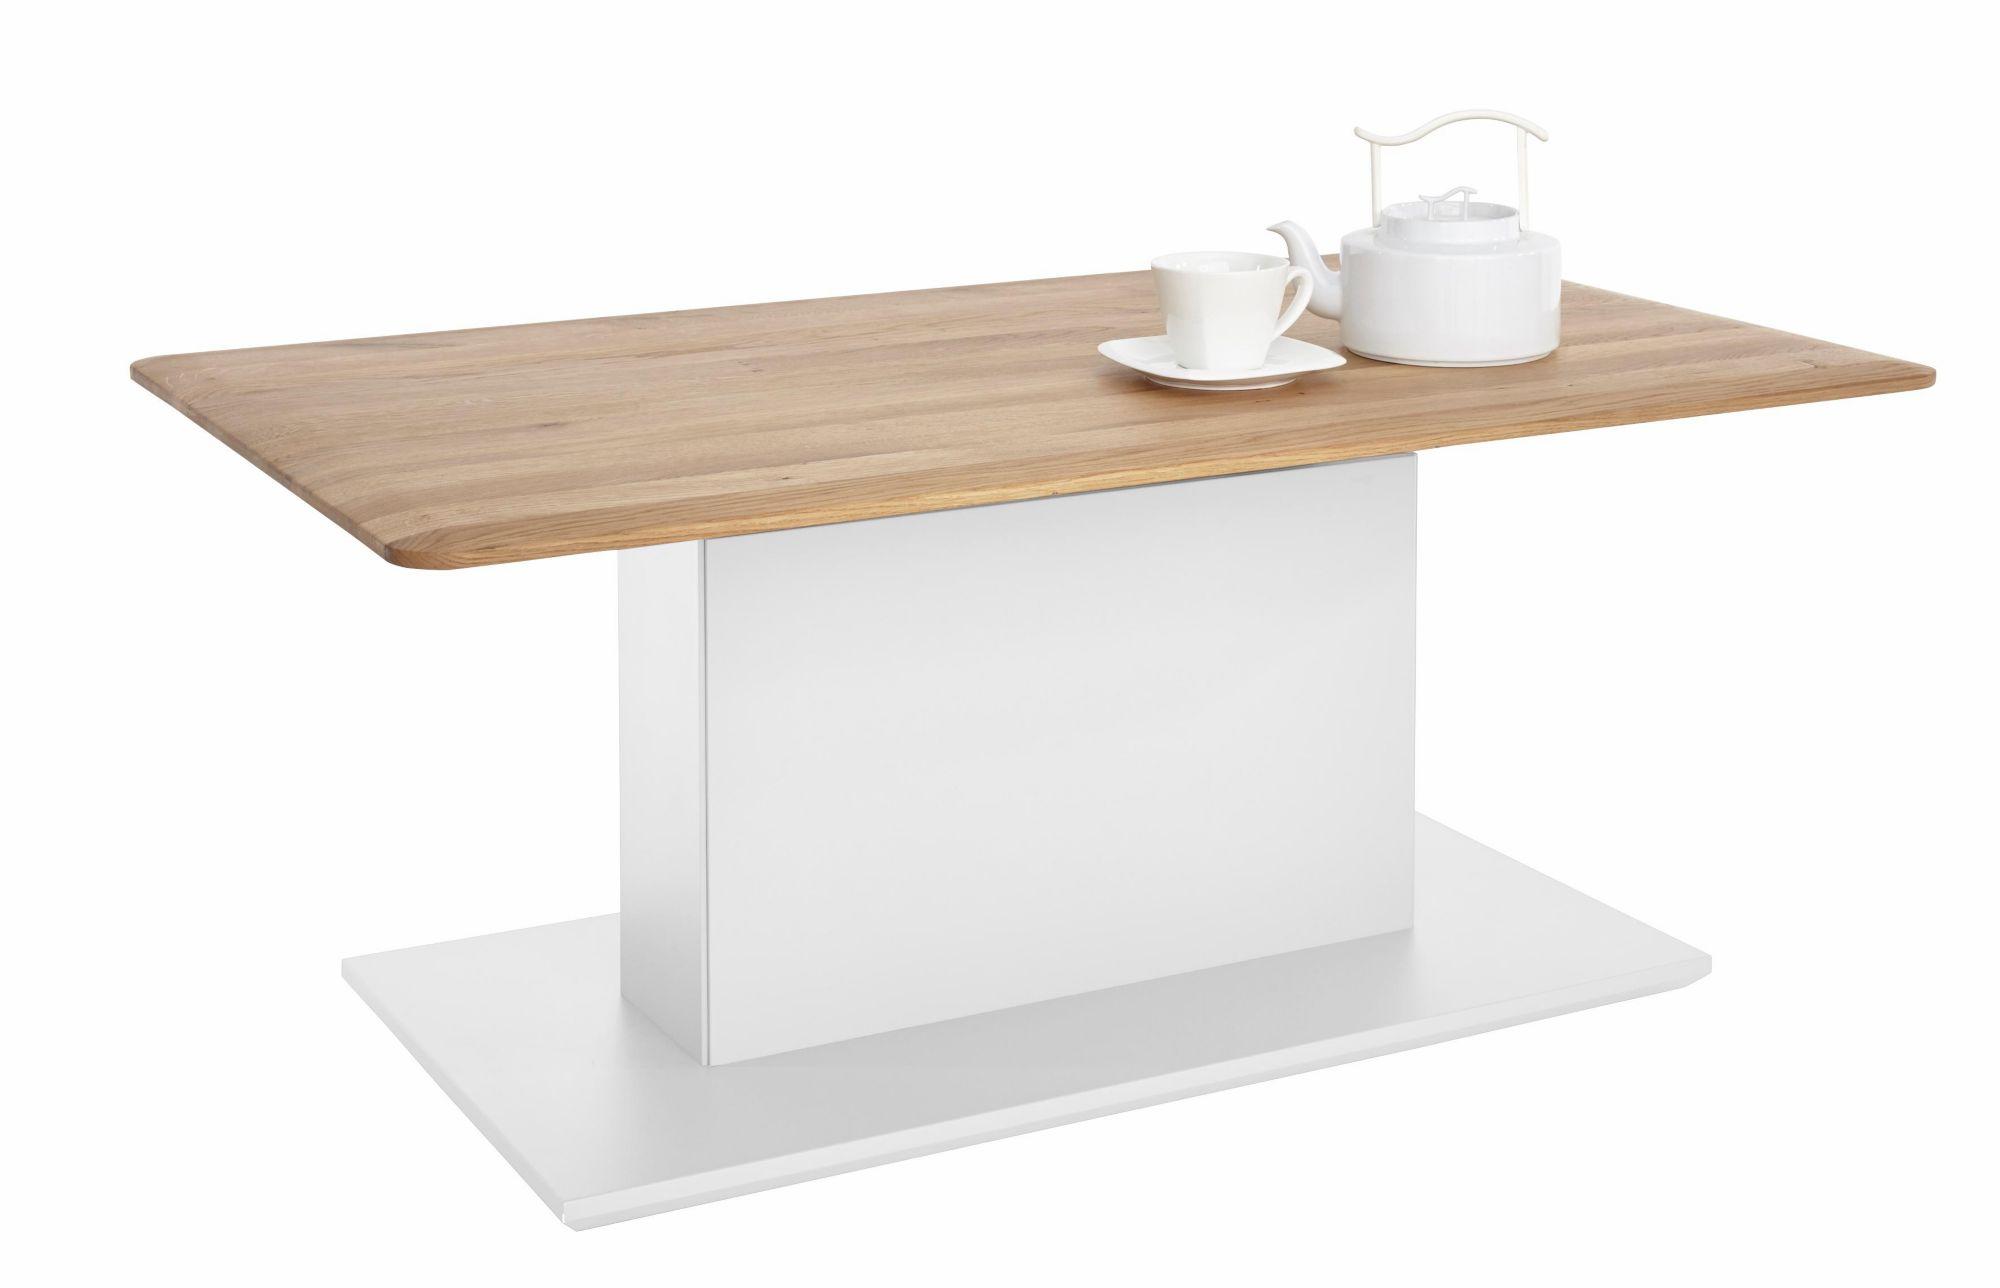 naturstein couchtisch g nstig online kaufen beim schwab. Black Bedroom Furniture Sets. Home Design Ideas